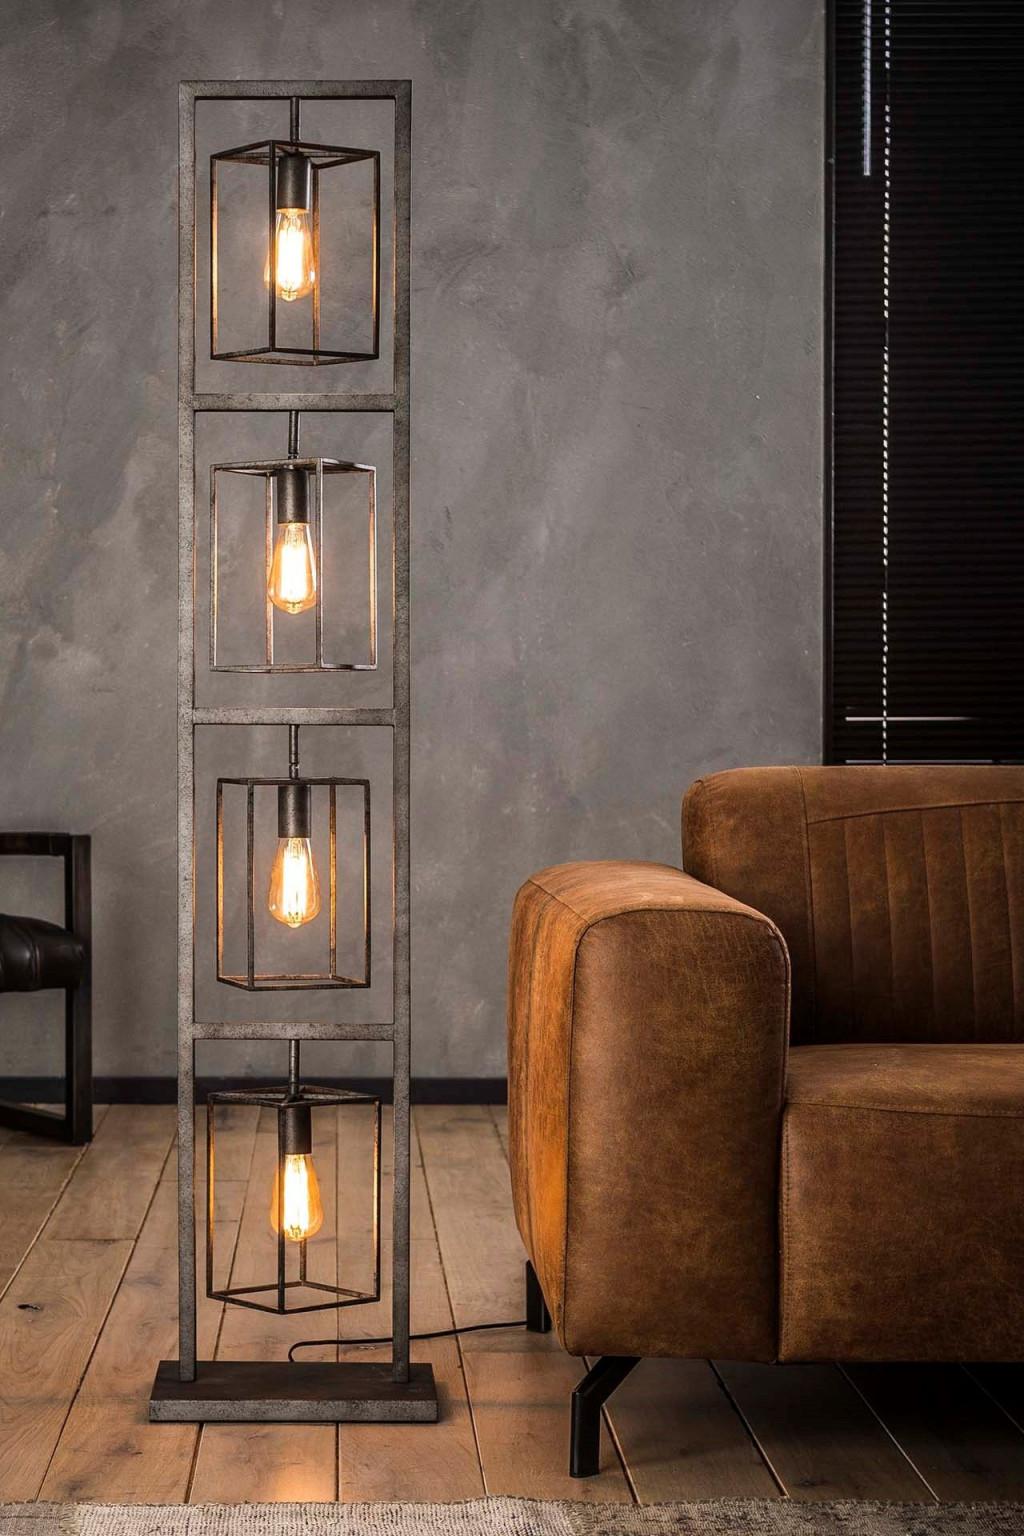 Stehlampe Kube  Stehlampe Wohnzimmer Beleuchtungsideen Und von Wohnzimmer Lampe Industriedesign Photo